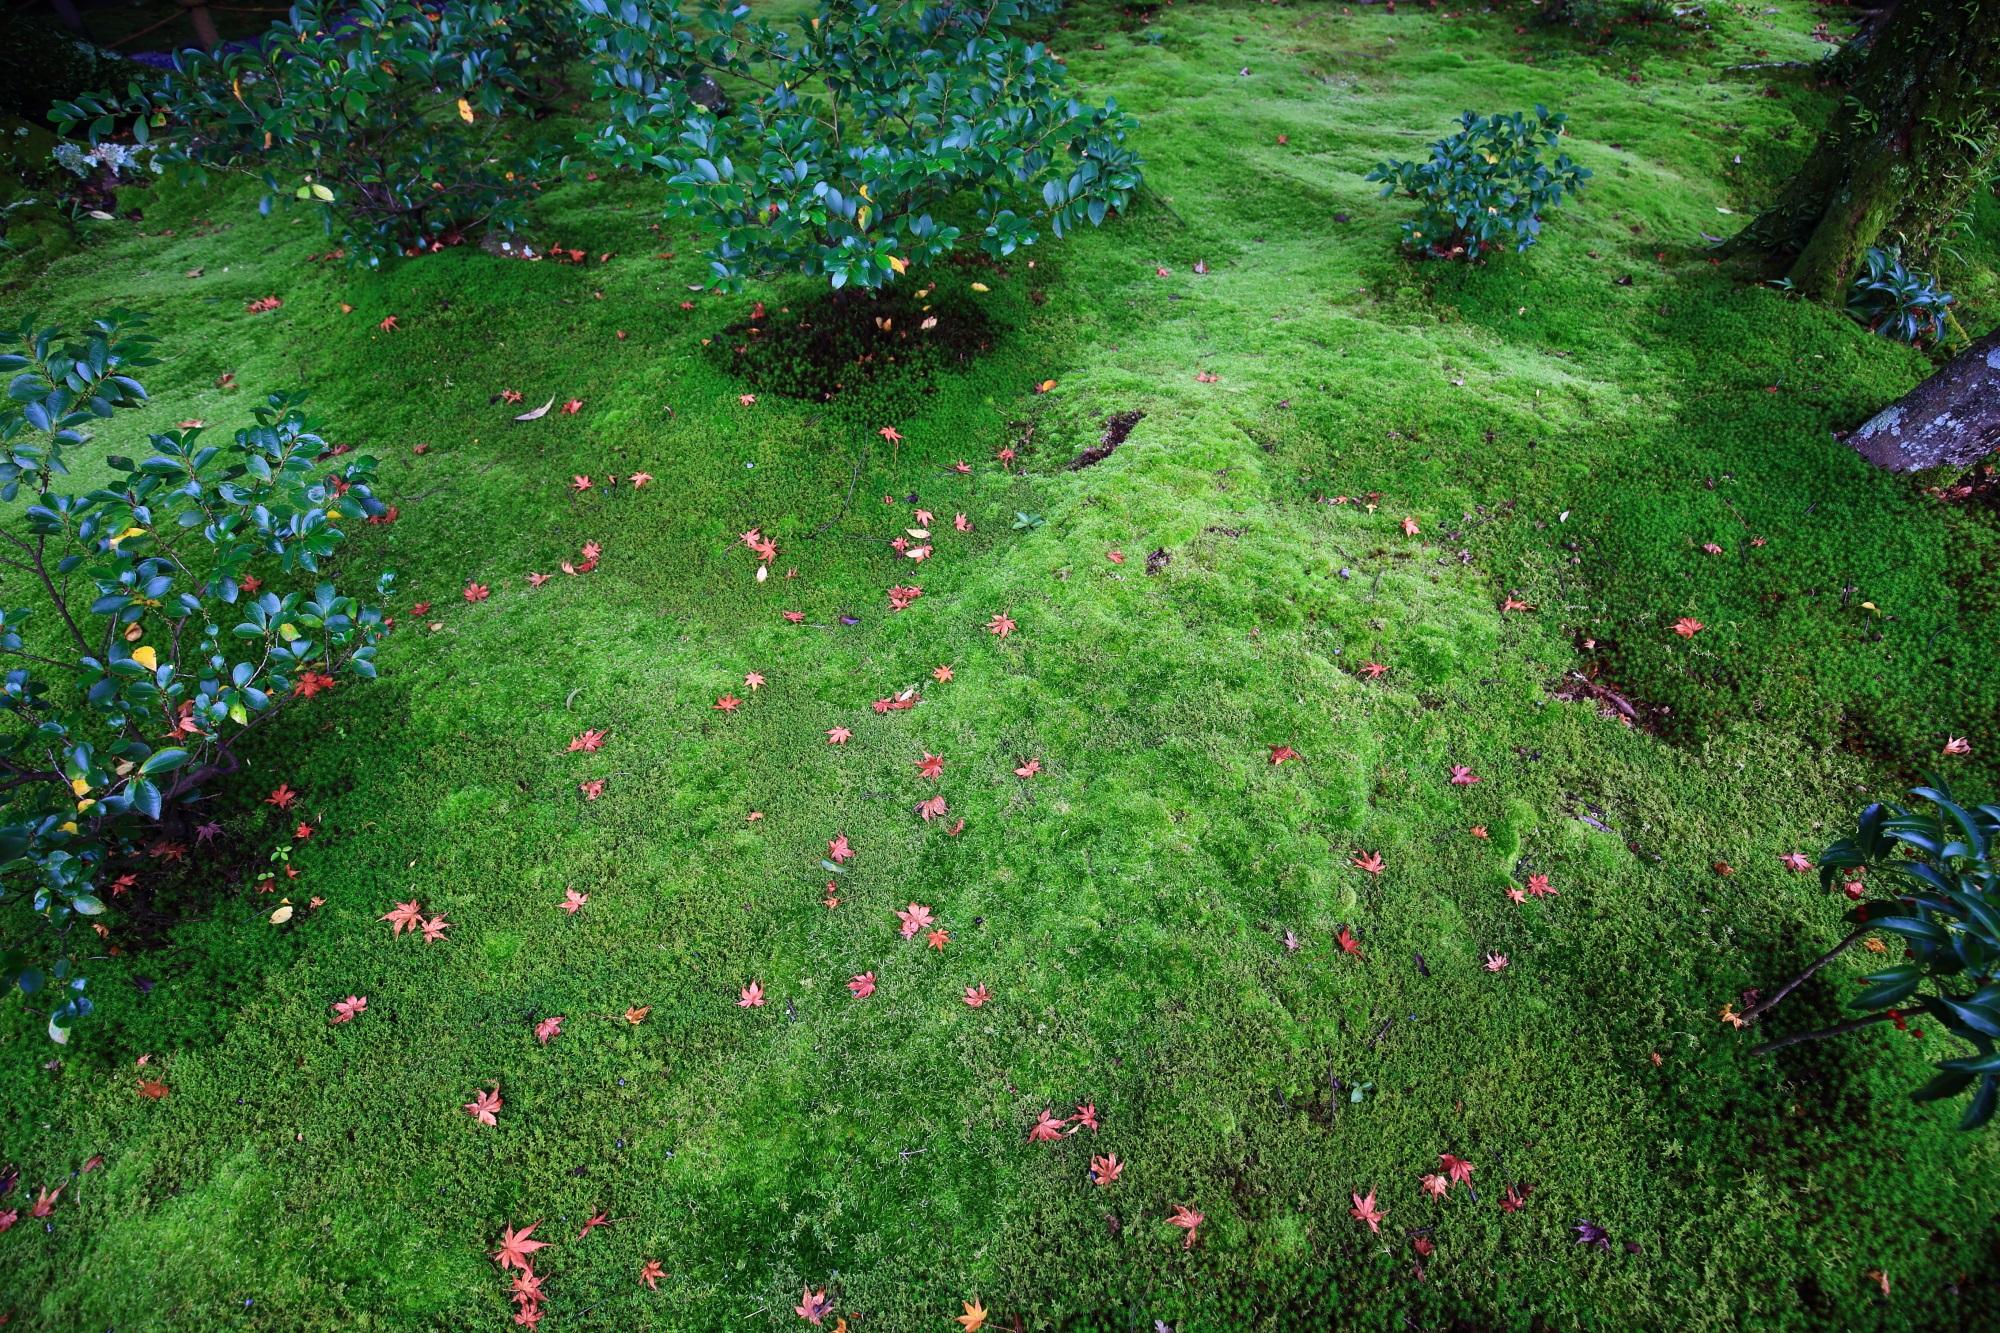 無鄰菴の柔らかな色合いの緑の苔に散る控えめな紅葉